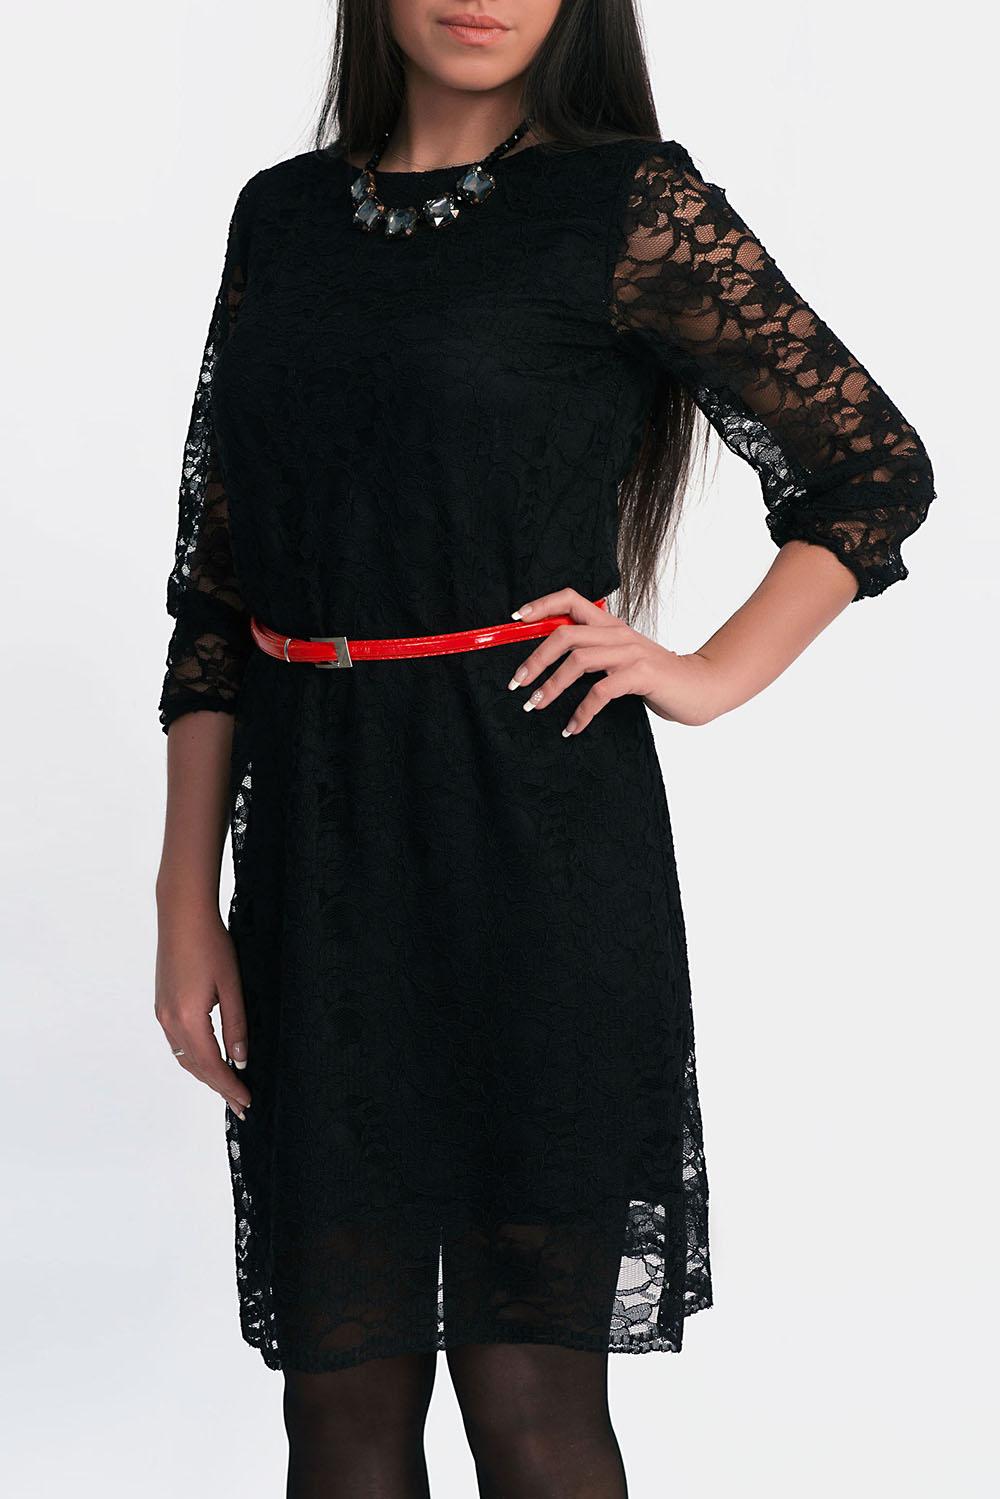 ПлатьеПлатья<br>Повседневно-нарядное платье прекрасно подойдет как для праздника, так и для романтичной встречи. Платье на подкладе, рукав 3/4. Пояс и бижутерия в комплект не входит.  Цвет: черный.<br><br>Горловина: С- горловина<br>По длине: До колена<br>По материалу: Вискоза,Гипюр,Трикотаж<br>По образу: Город,Свидание<br>По рисунку: Однотонные<br>По сезону: Весна,Зима,Лето,Осень,Всесезон<br>По силуэту: Полуприталенные<br>По стилю: Готический стиль,Нарядный стиль,Повседневный стиль<br>По форме: Платье - футляр<br>По элементам: С декором,С подкладом<br>Рукав: Рукав три четверти<br>Размер : 42,44<br>Материал: Трикотаж + Гипюр<br>Количество в наличии: 2